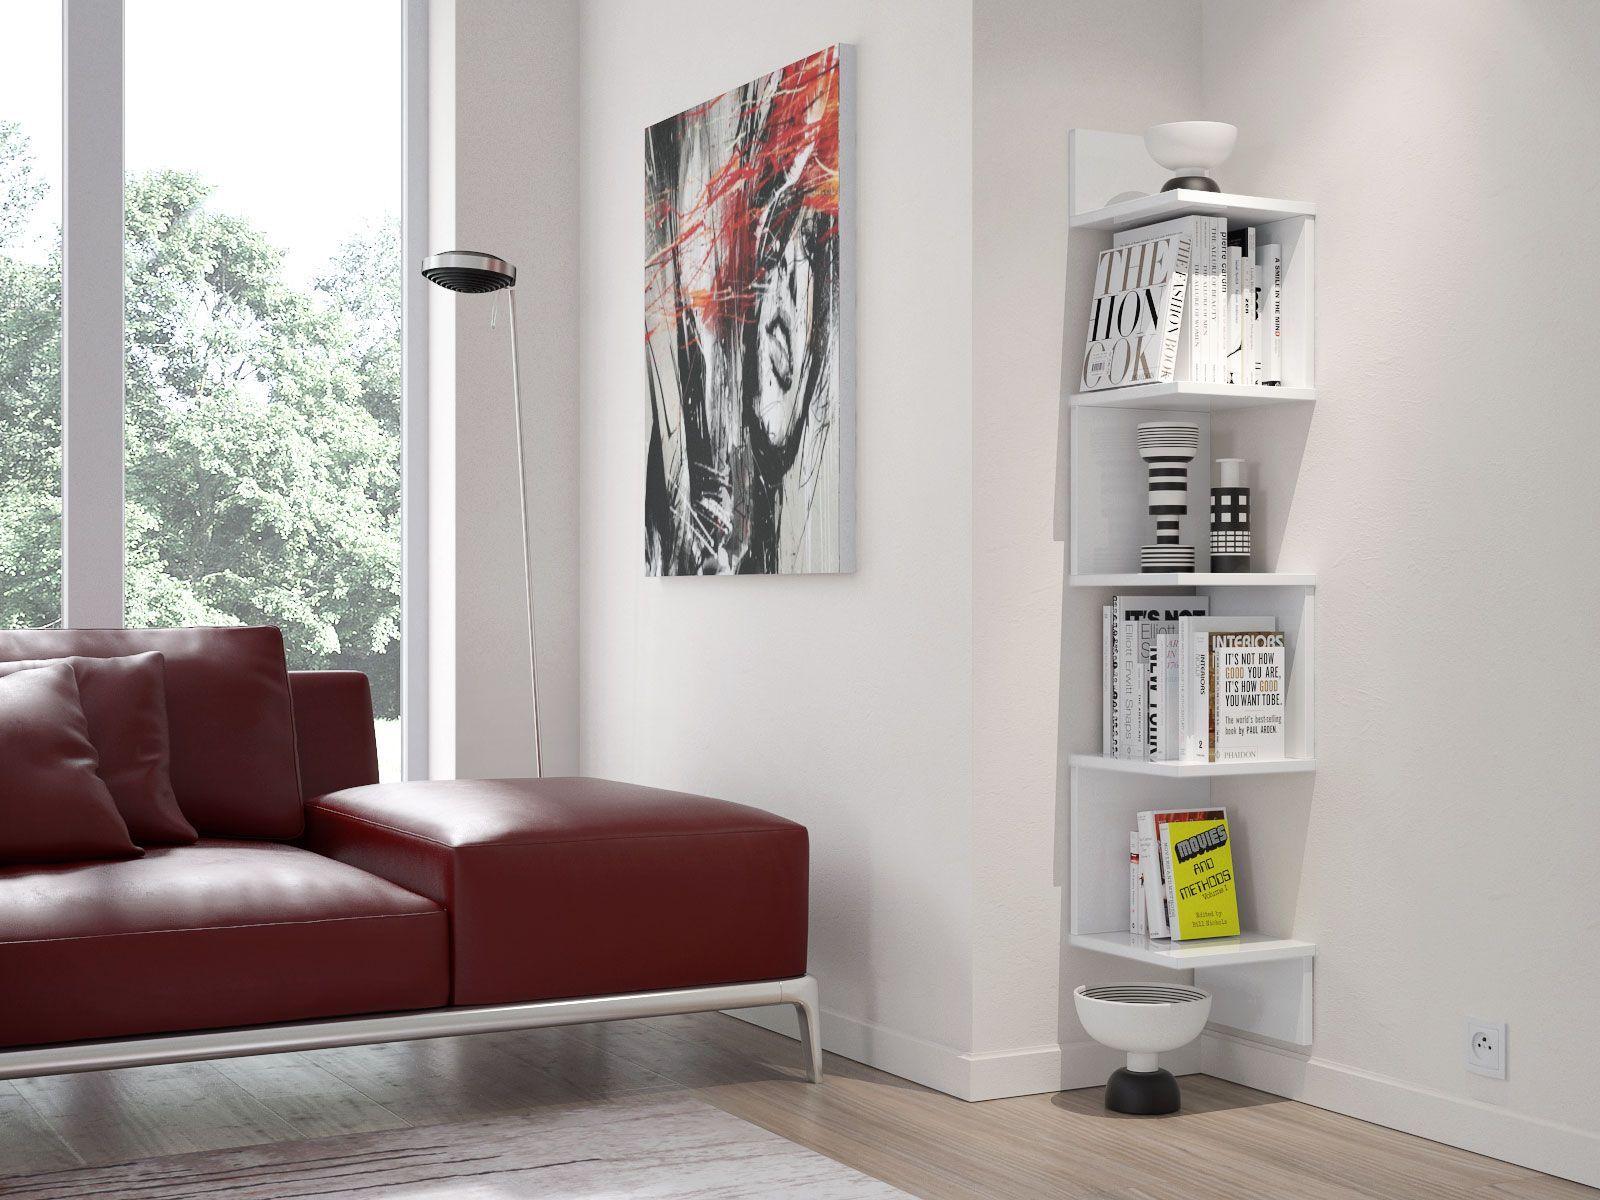 8 Elegant Fotografie Von Eckregal Weiss Kuche Eckregal Elegant Fotografie Kuche Von Weiss In 2020 Furniture Home Home And Living